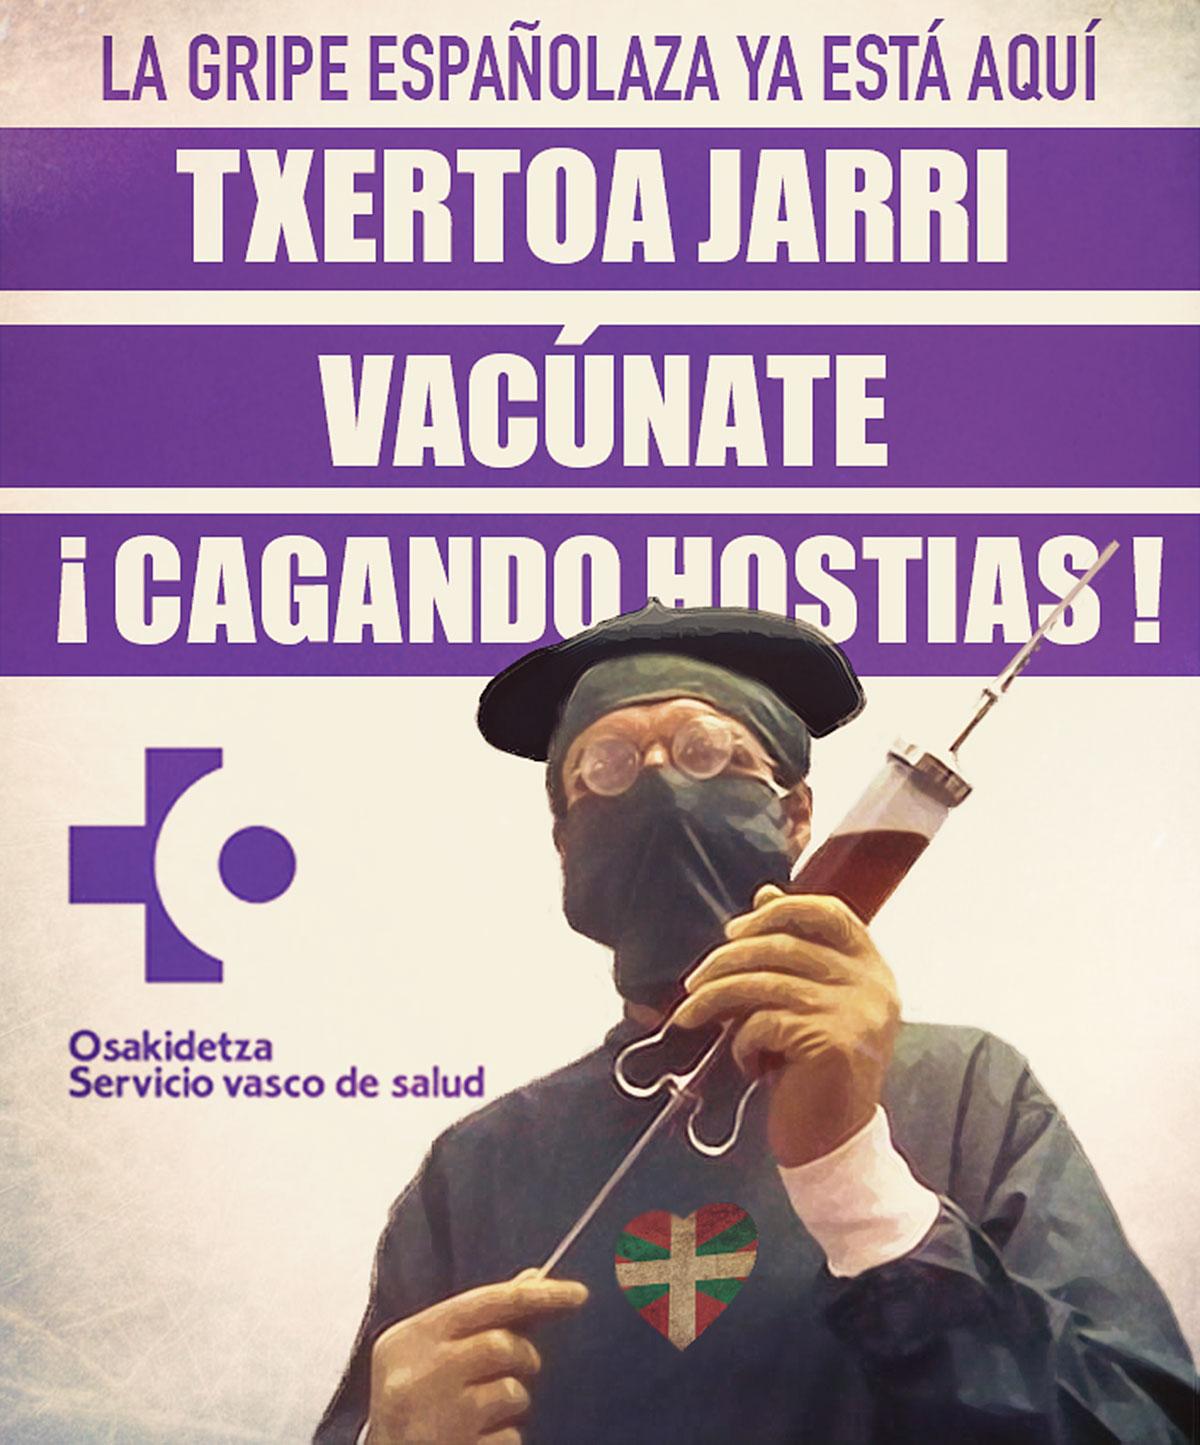 Cartel de la campaña de vacunación contra la gripe española